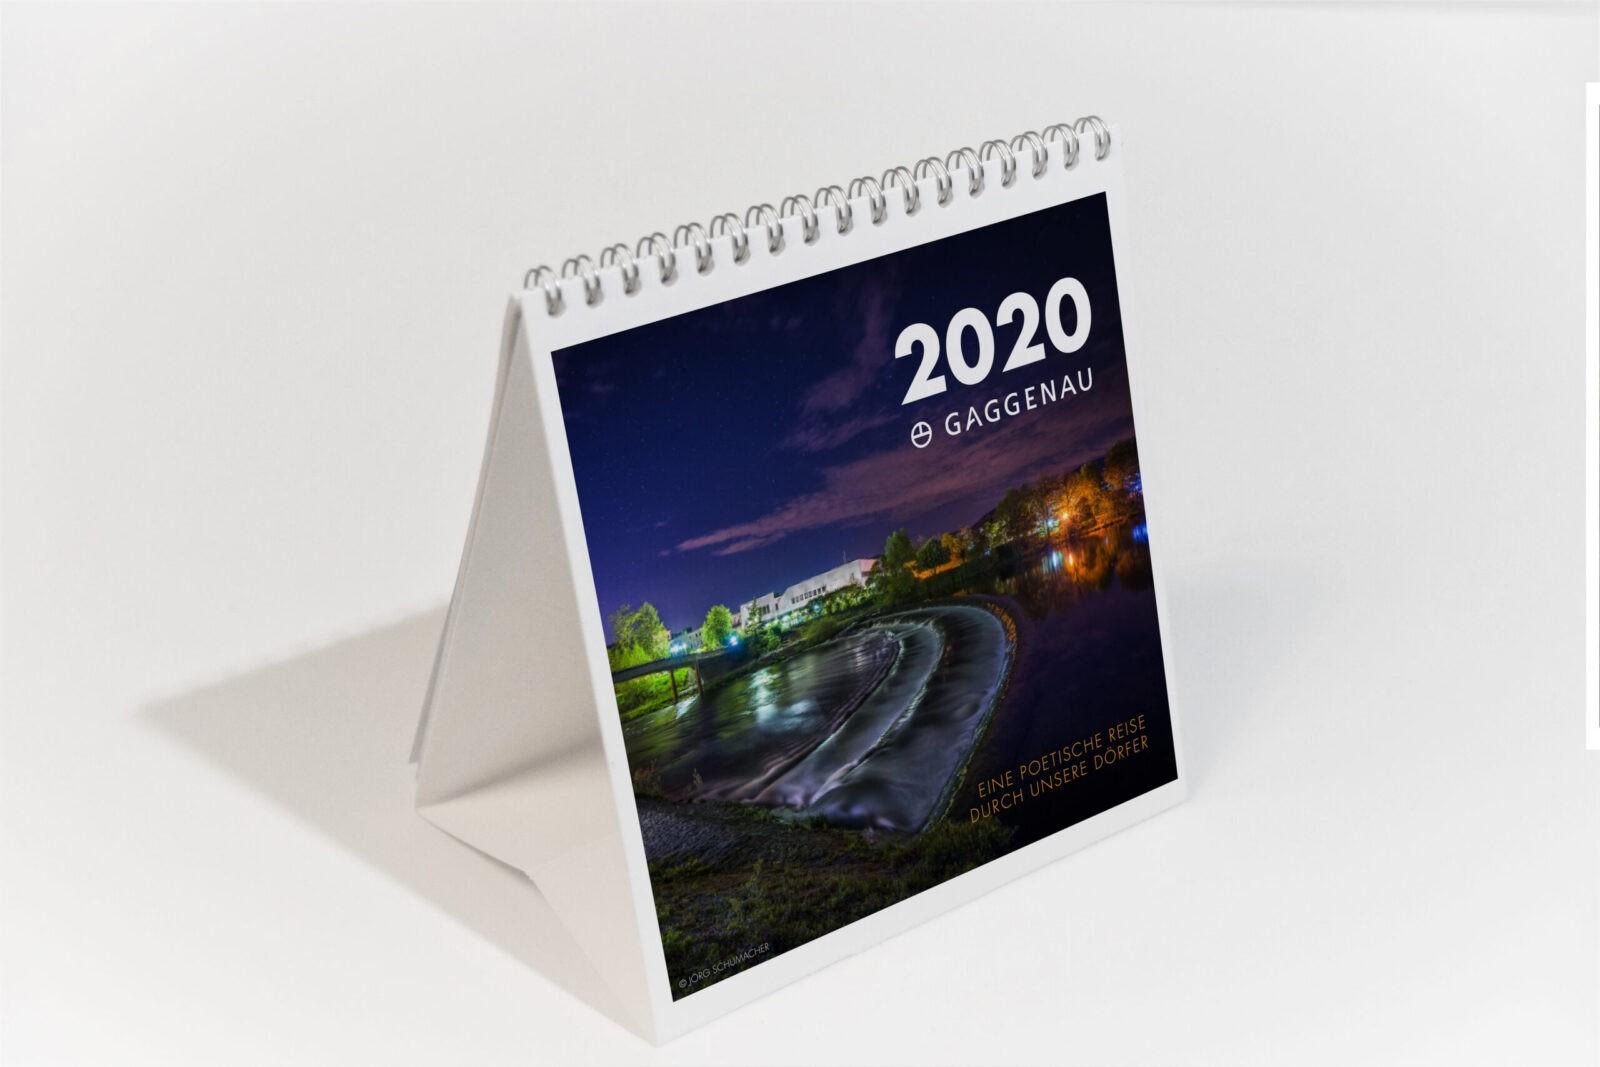 tischkalender-gaggenau-titel-tisch-kalender